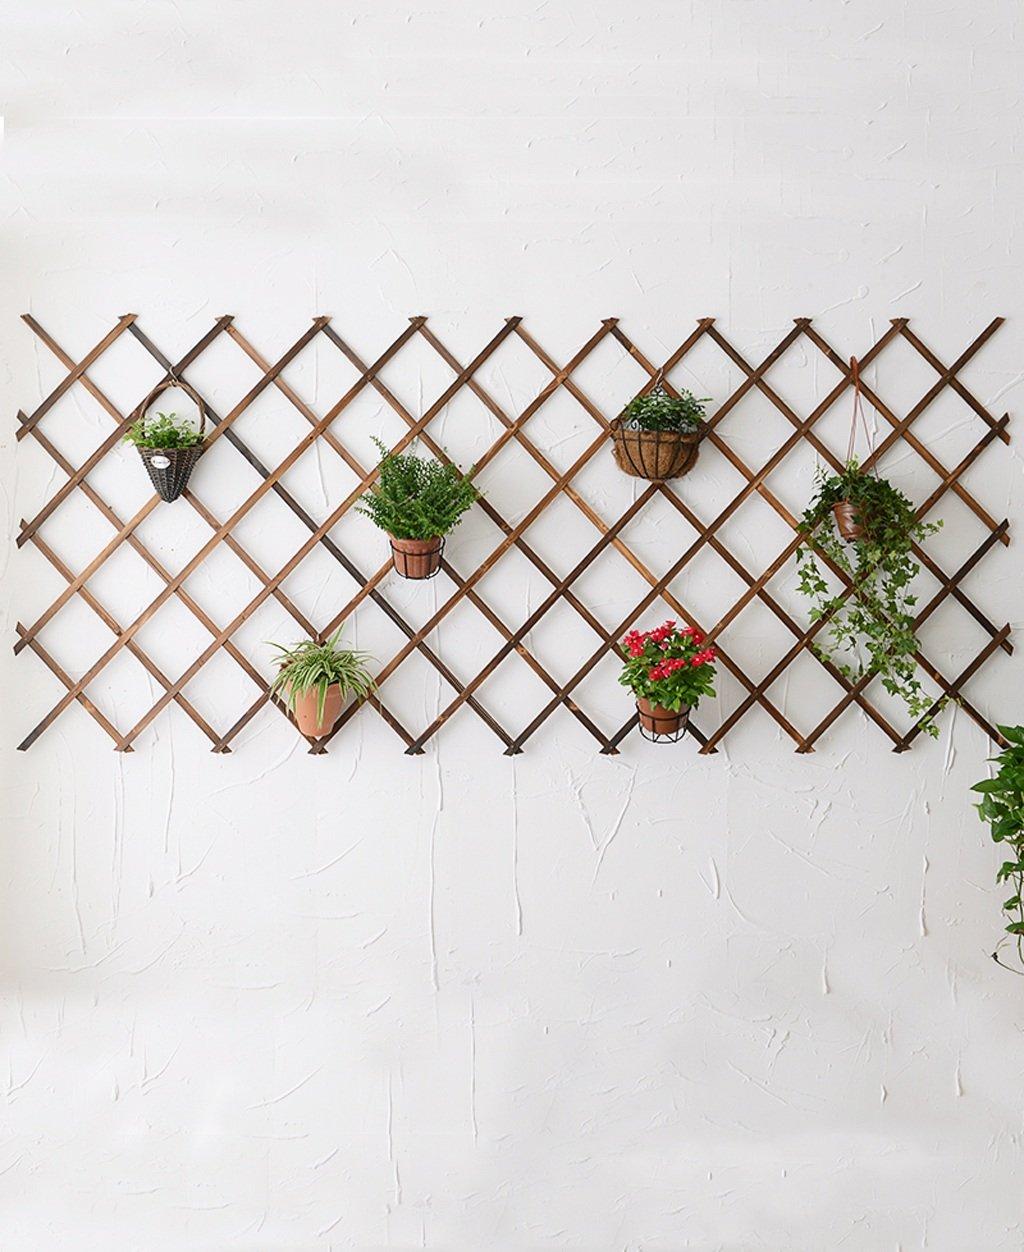 WENZHE Porta-piante Legno Hanging Wall Decoration Flower Frame Garden Legno Griglia telaio esterno del recinto di legno Flower Frame Fiore parete Telaio vario Ripiani ( dimensioni : 29*60cm ) Wen Wen Dian Pu